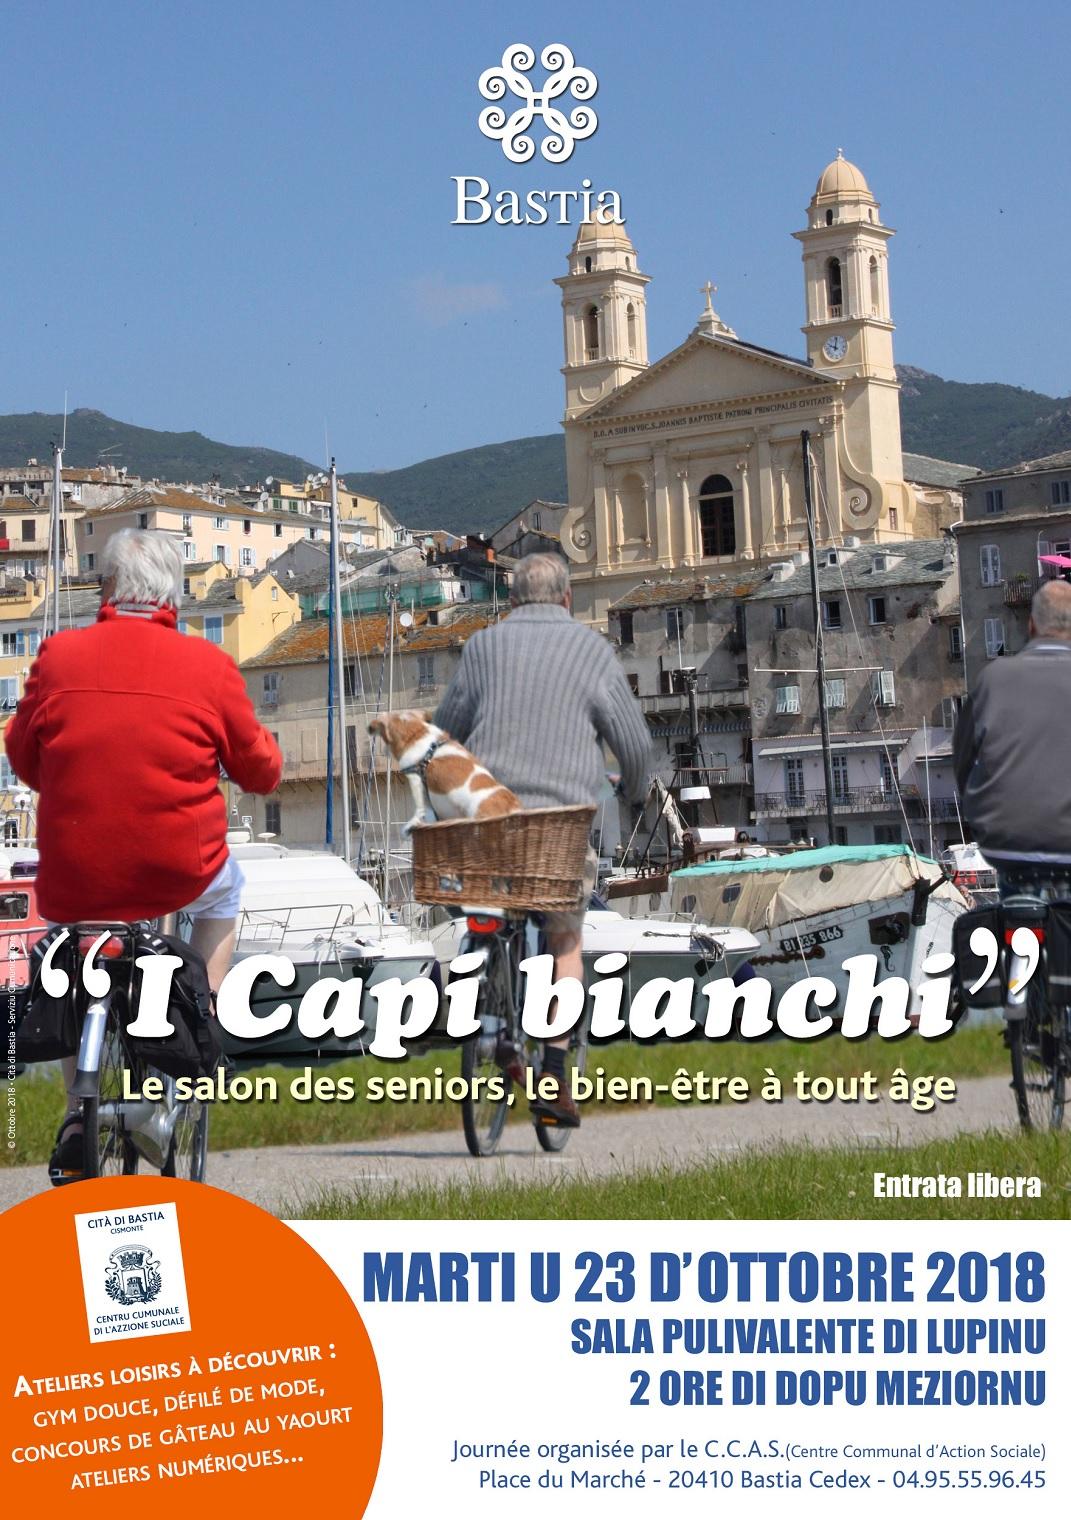 Bastia : Une journée destinée au bien-être des seniors !